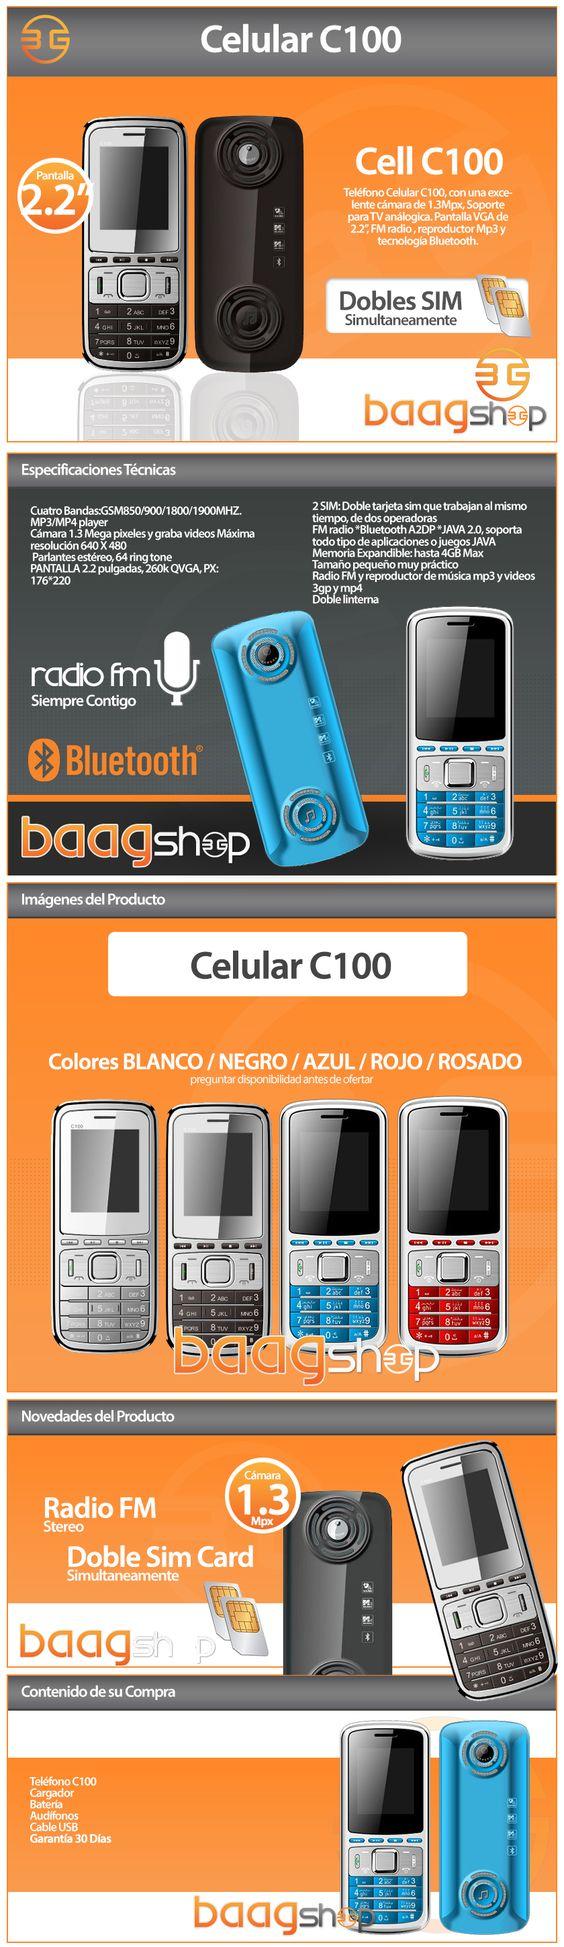 Nokia C100. Cliente Baag Shop. Elaborado por iGrafi